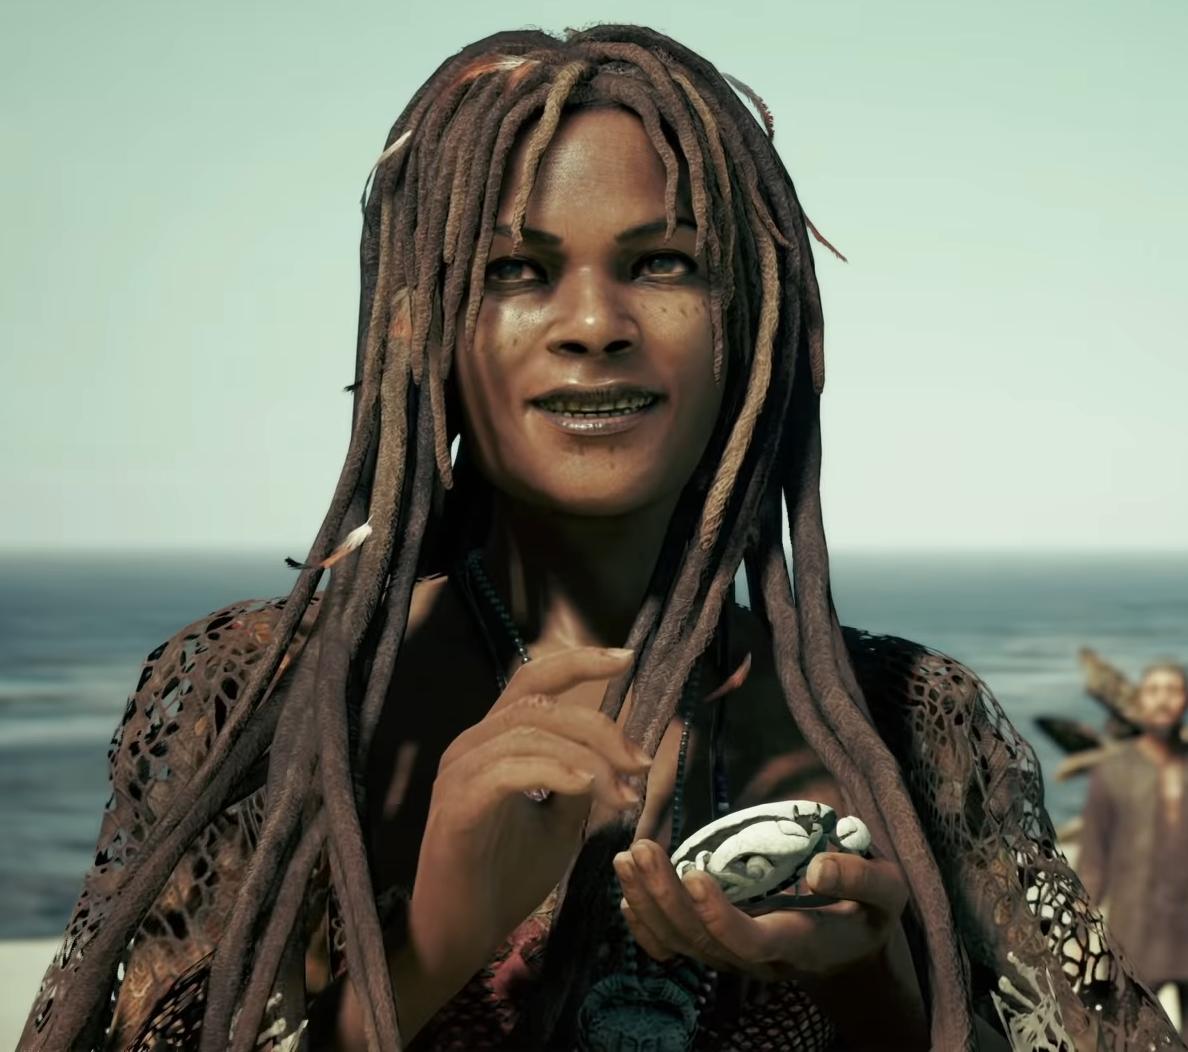 пираты карибского моря фото калипсо штате